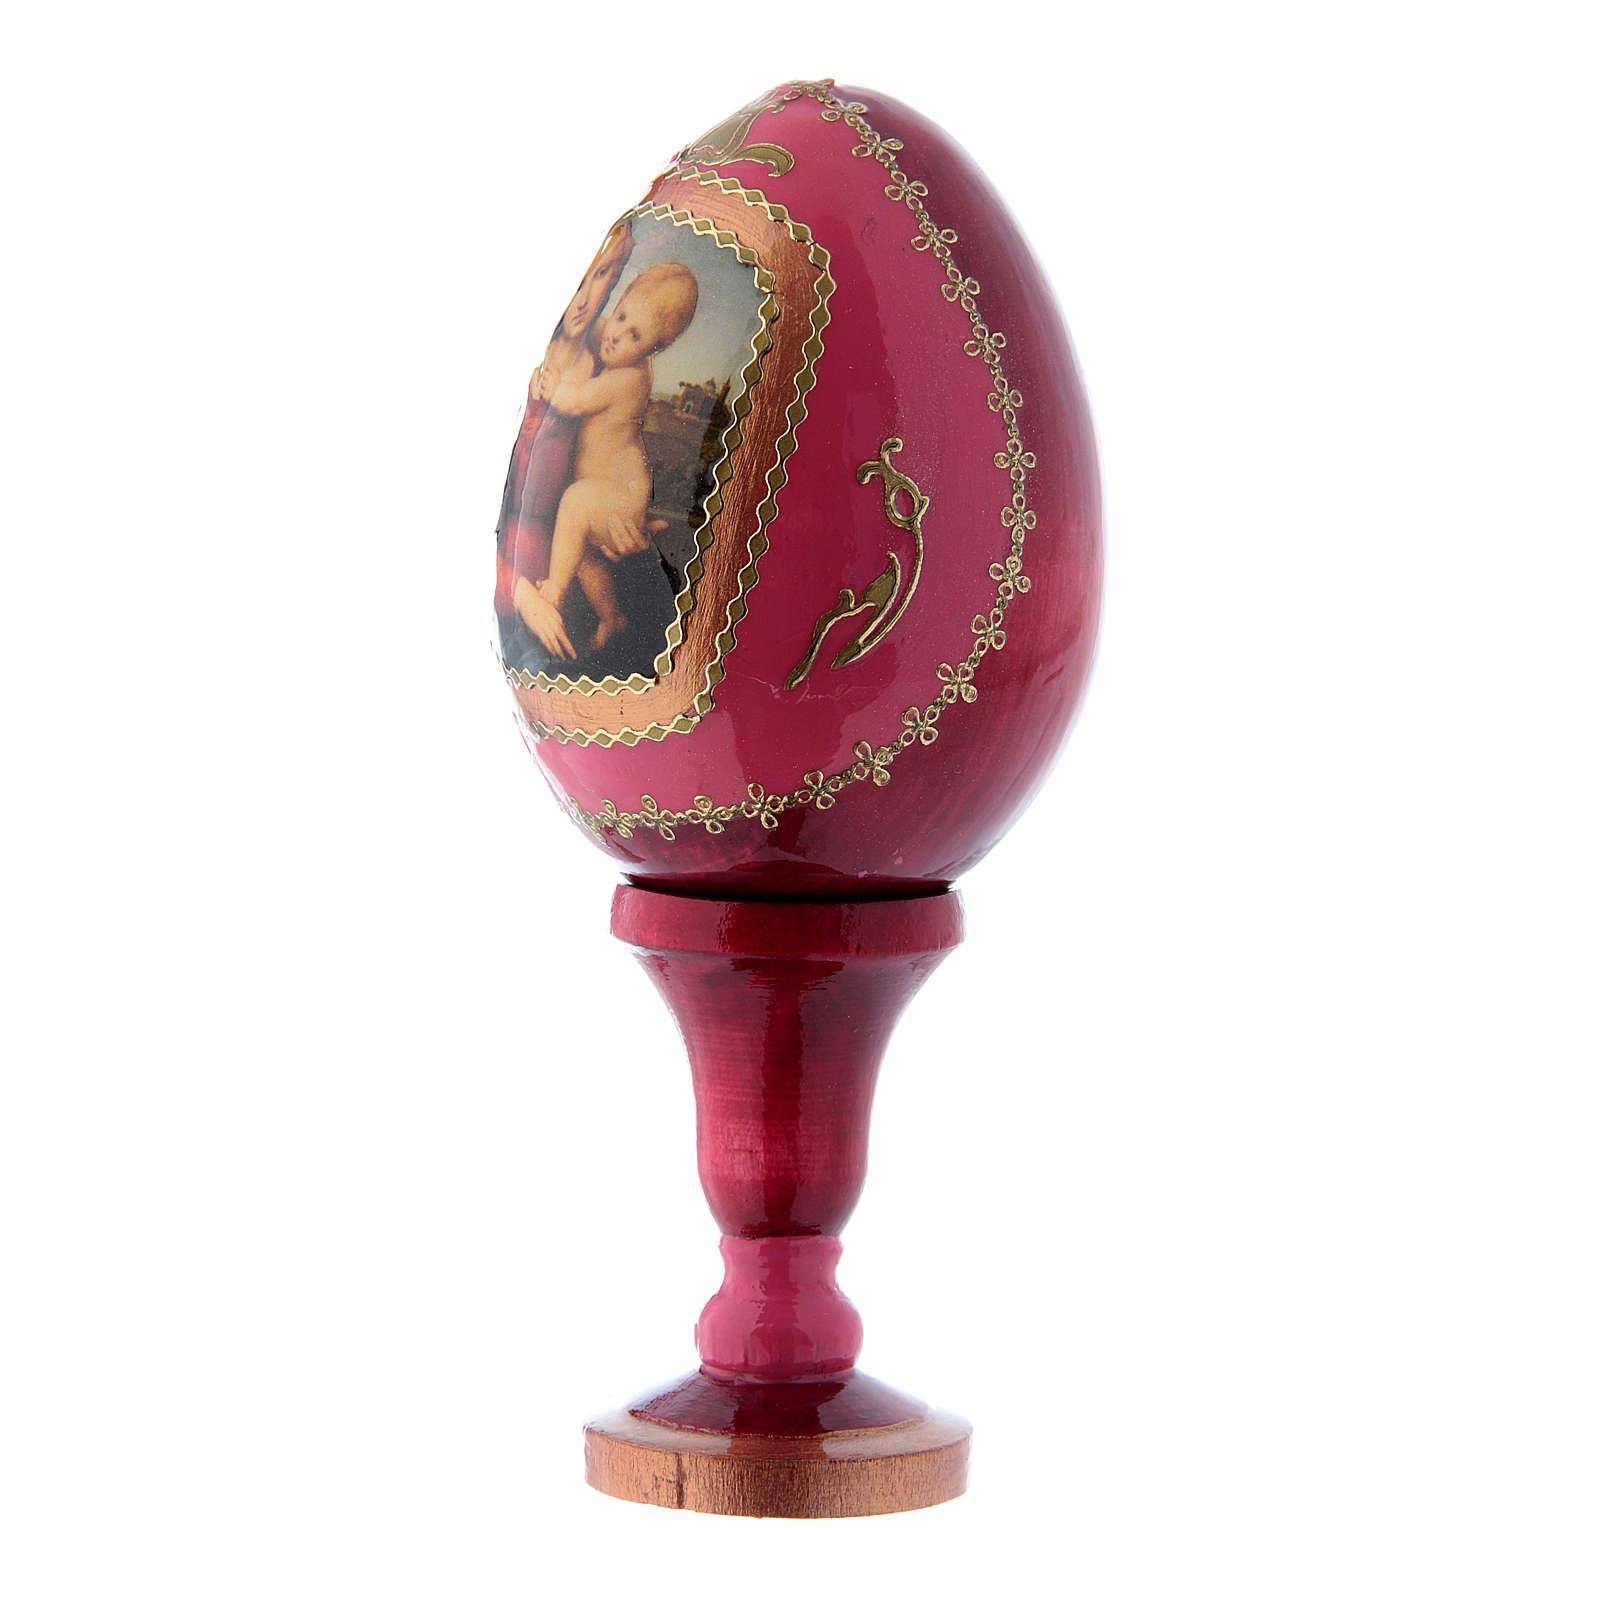 Uovo rosso icona russa La Piccola Madonna Cowper h tot 13 cm 4